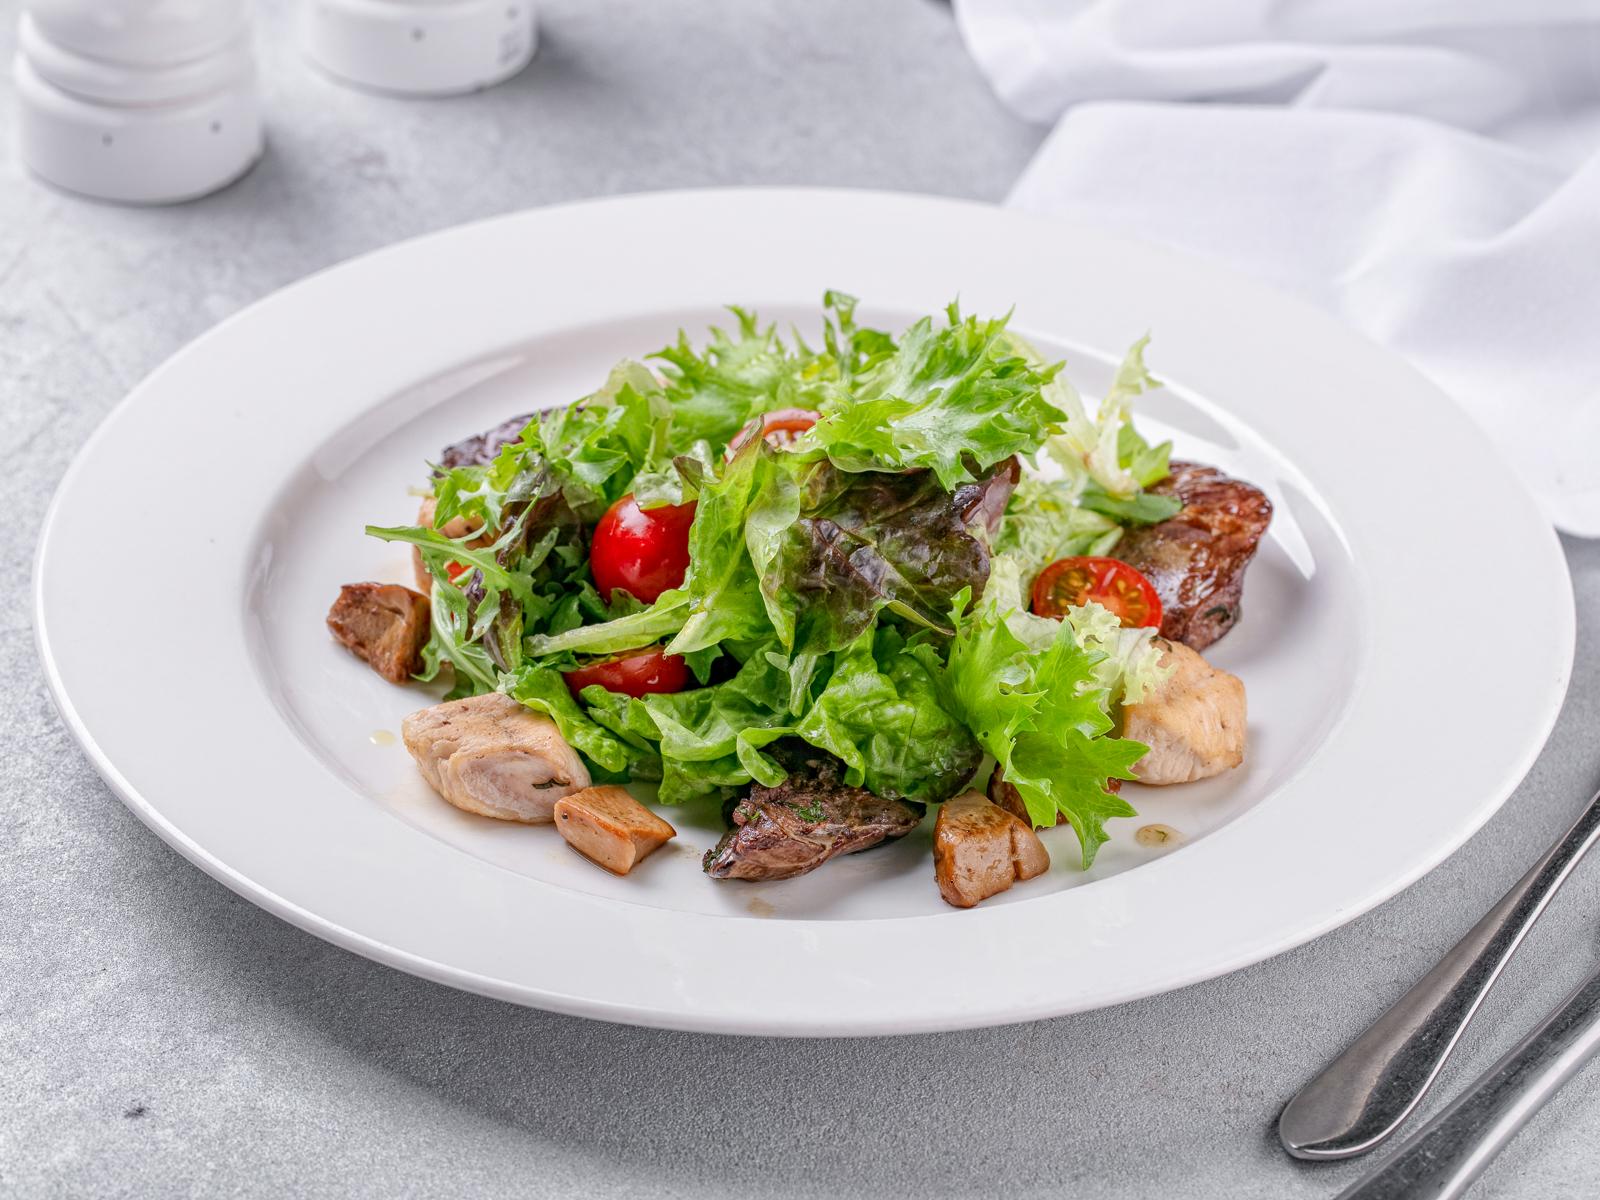 Салат с курицей и потрошками